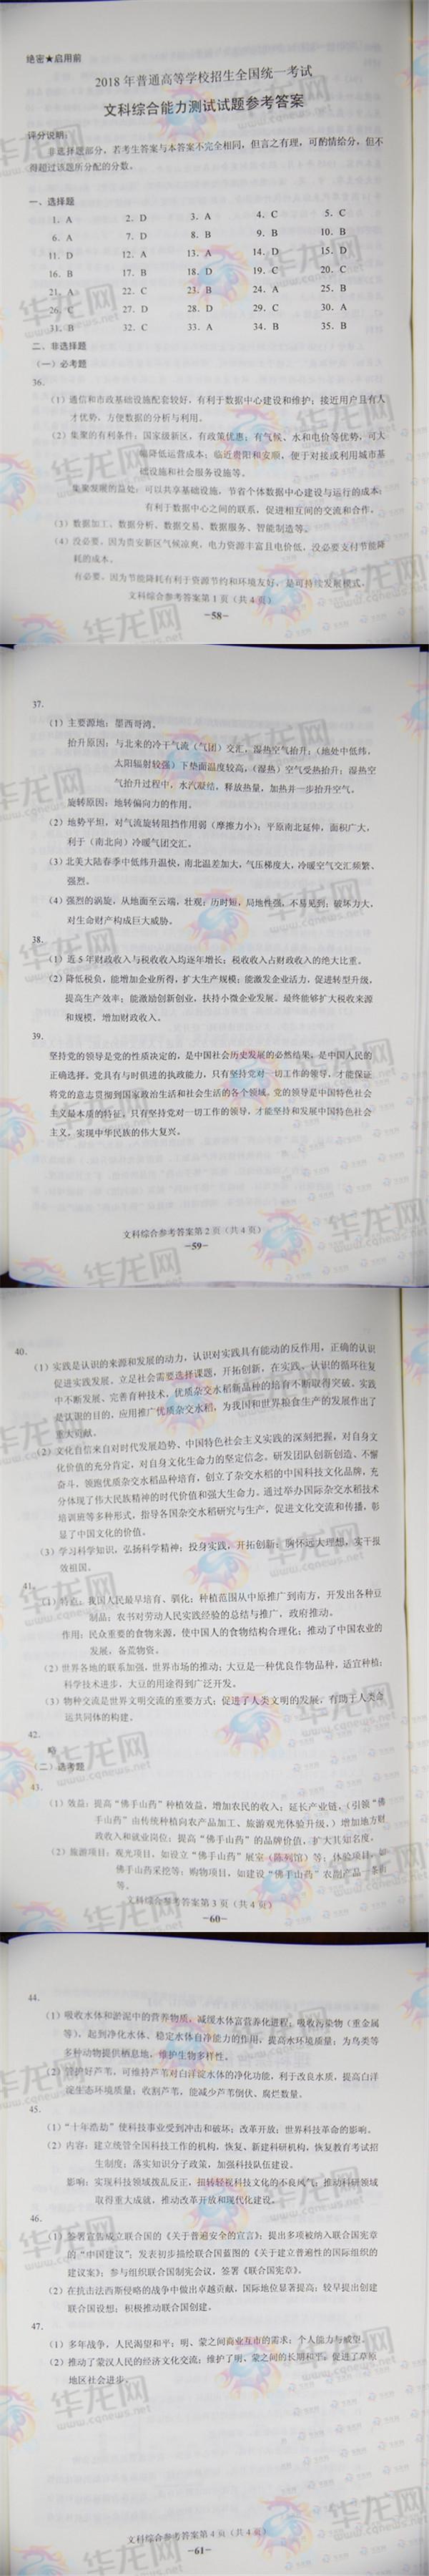 2018陕西高考文综答案【图片版】